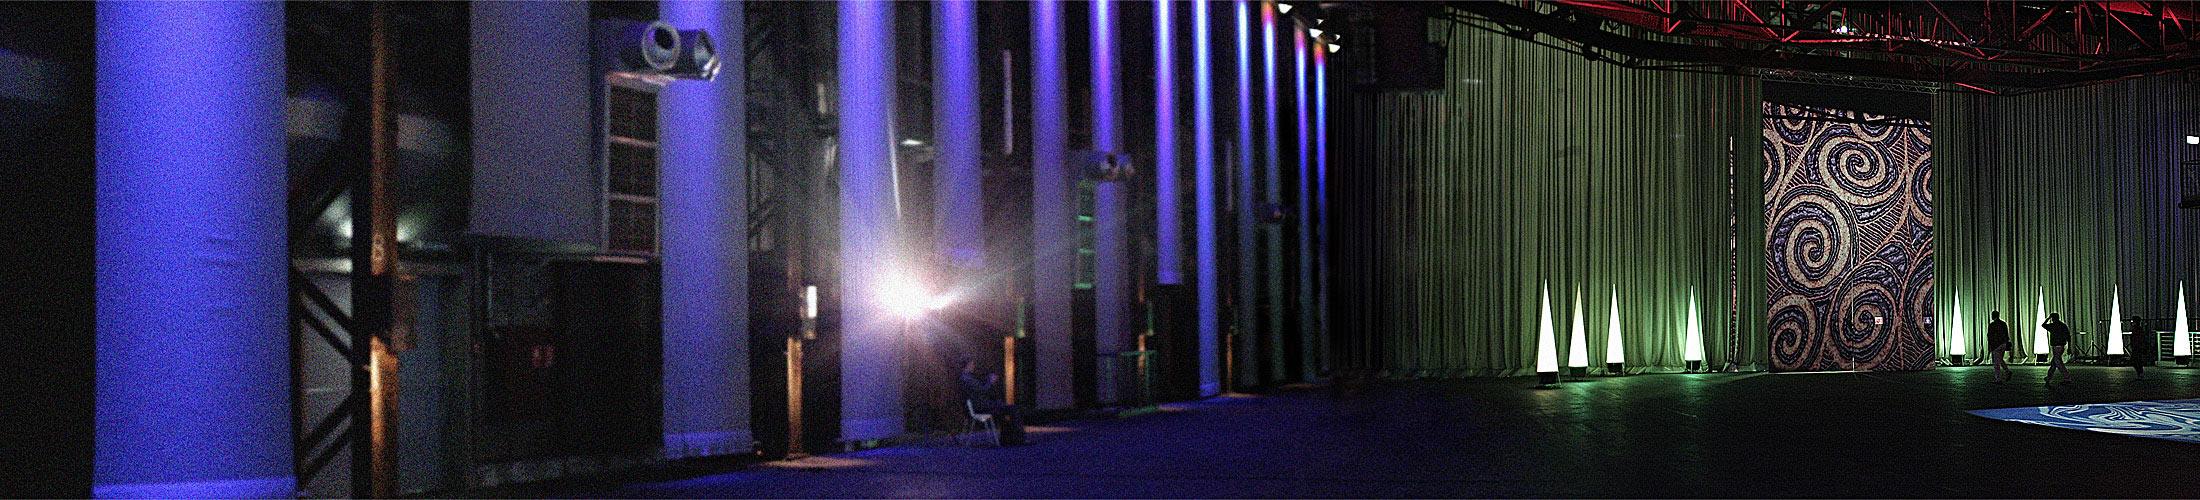 Panorama-Aufnahme der kraftzentrale imLandschaftspark Duisburg-Nord